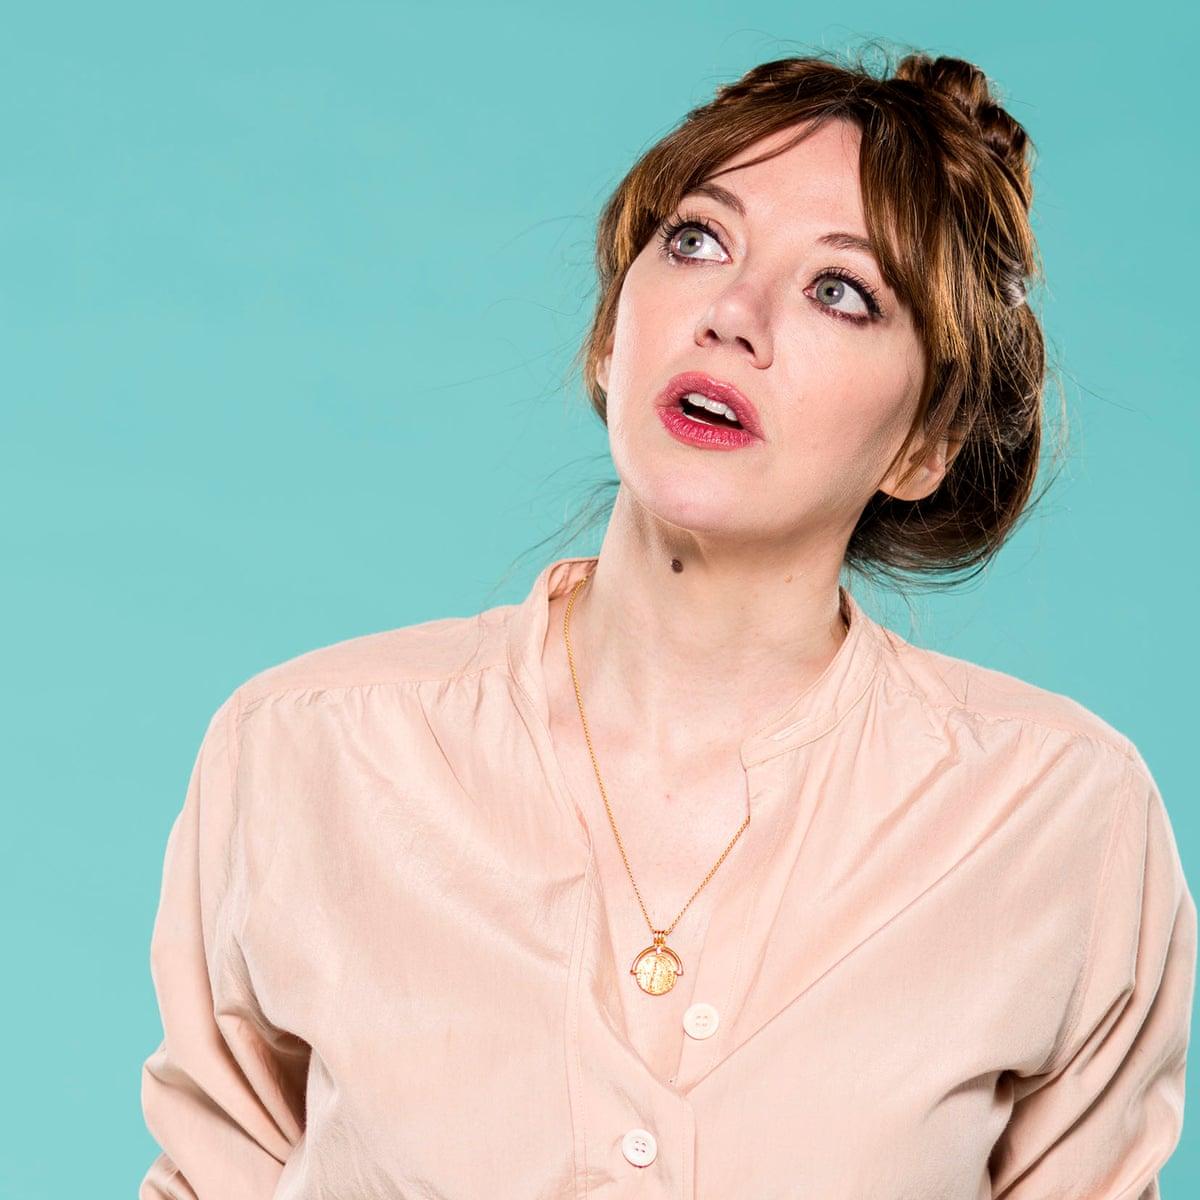 Diane Morgan British Actress, Comedian, Writer